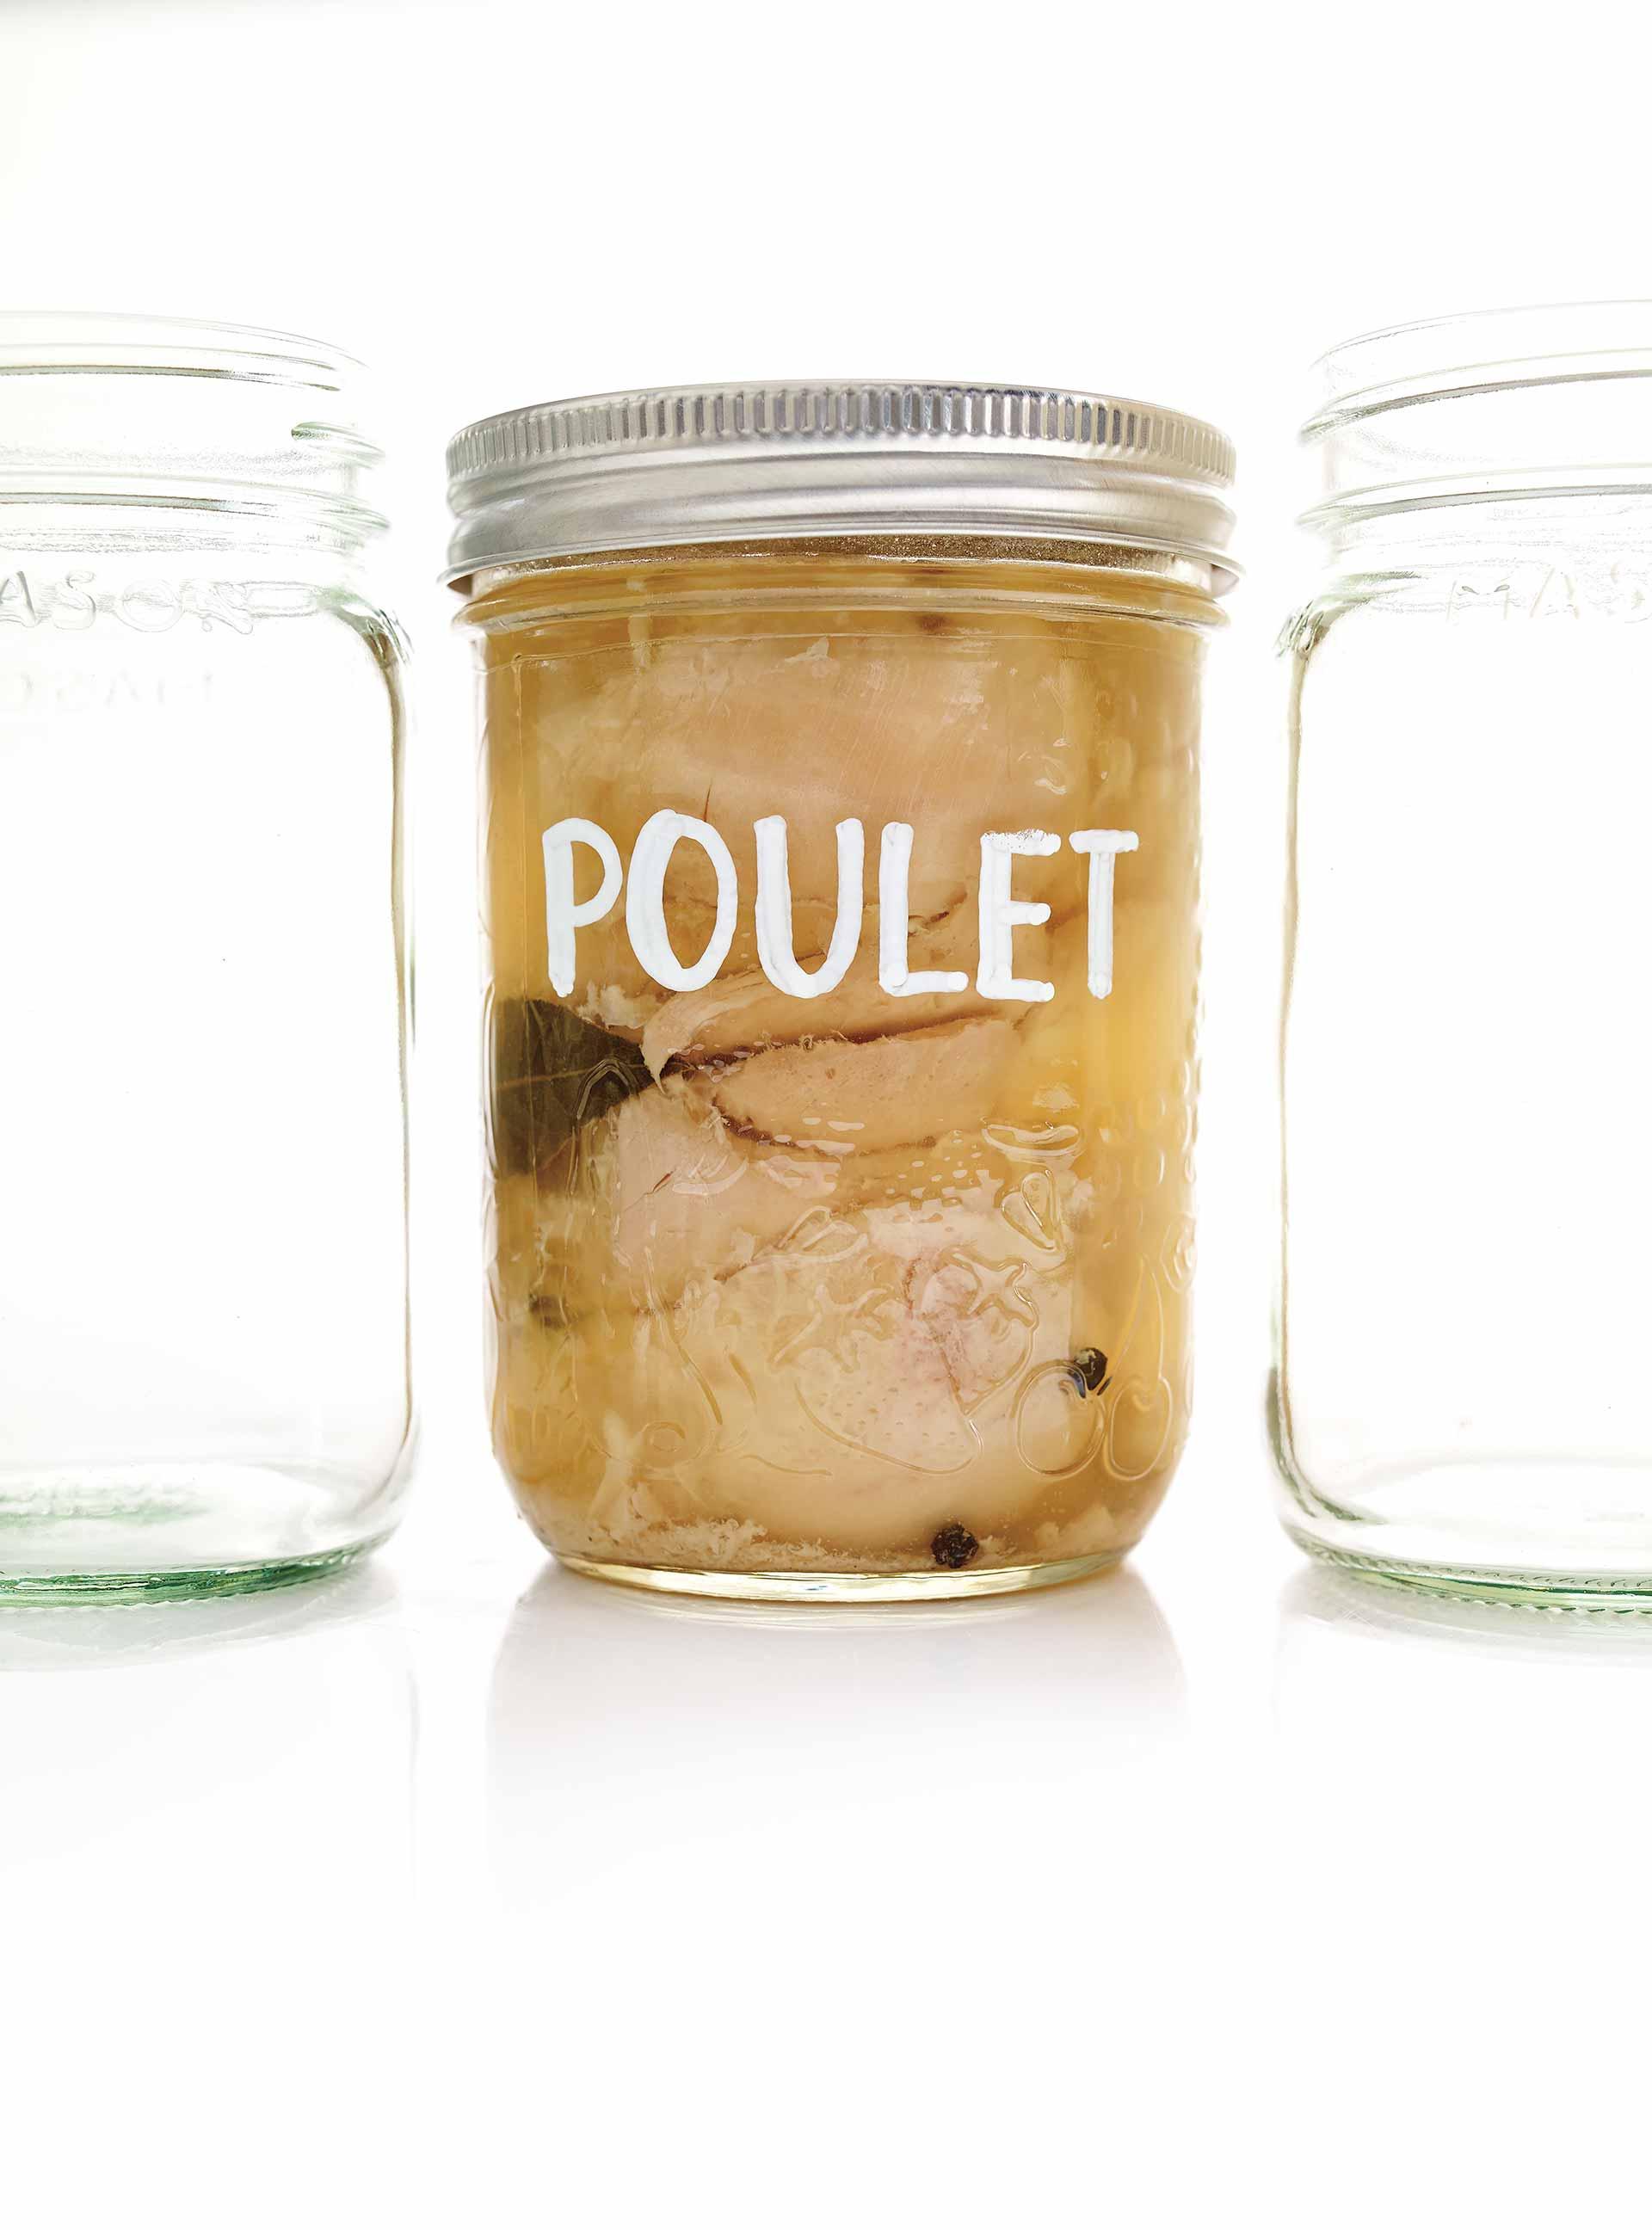 Temps De Sterilisation Bocaux Viande Cuite : temps, sterilisation, bocaux, viande, cuite, Poulet, Conserve, Ricardo